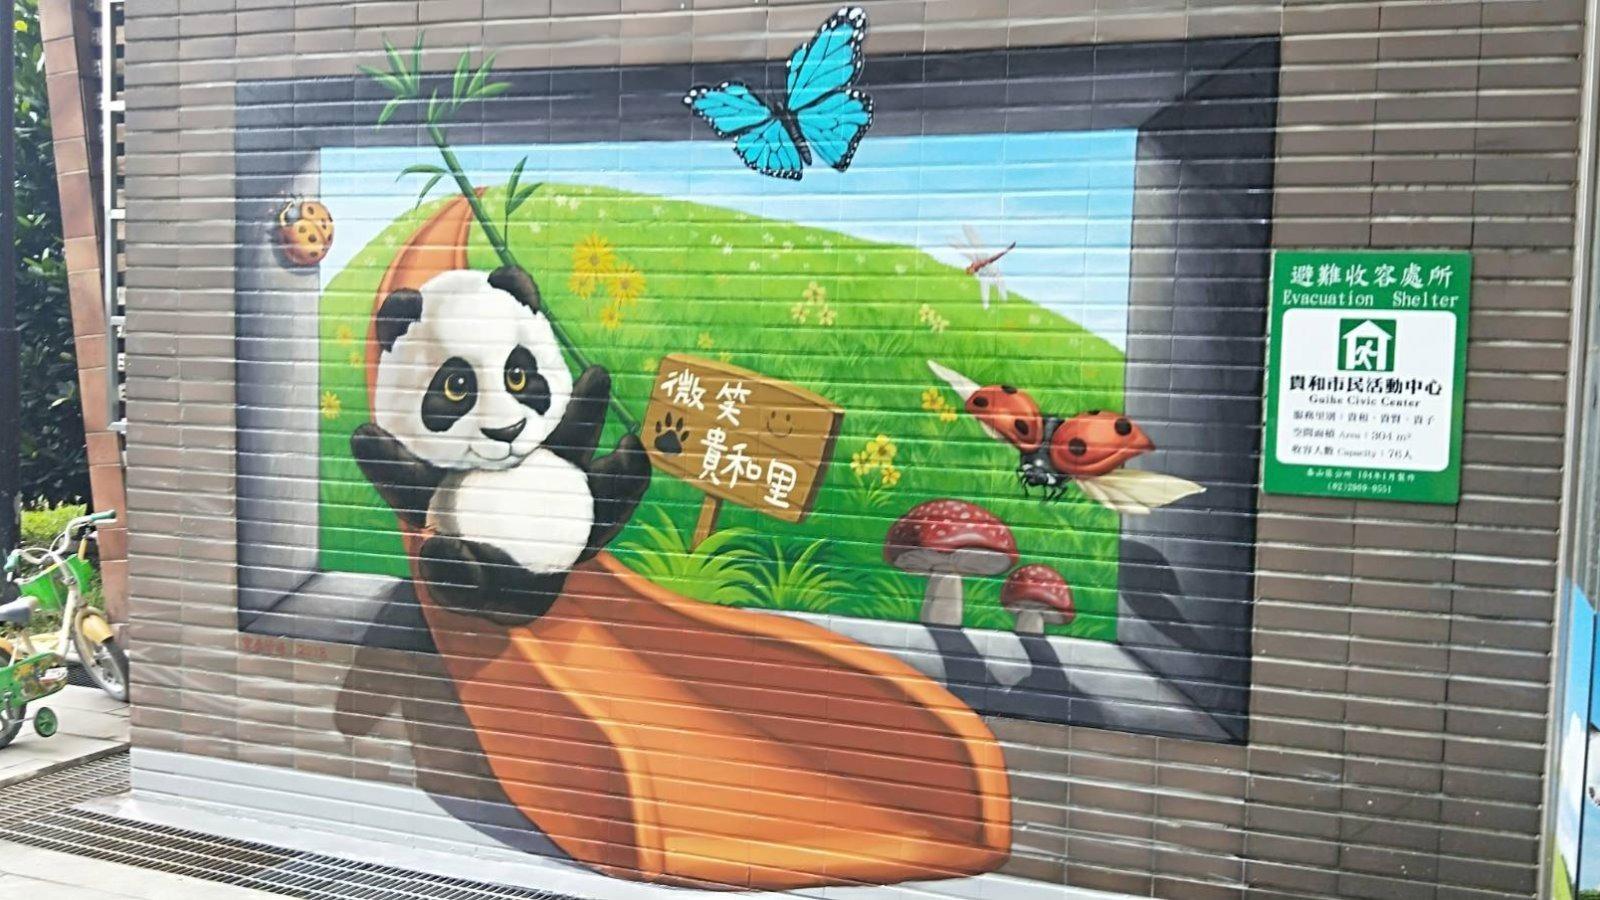 泰山貴和市民活動中心牆面彩繪